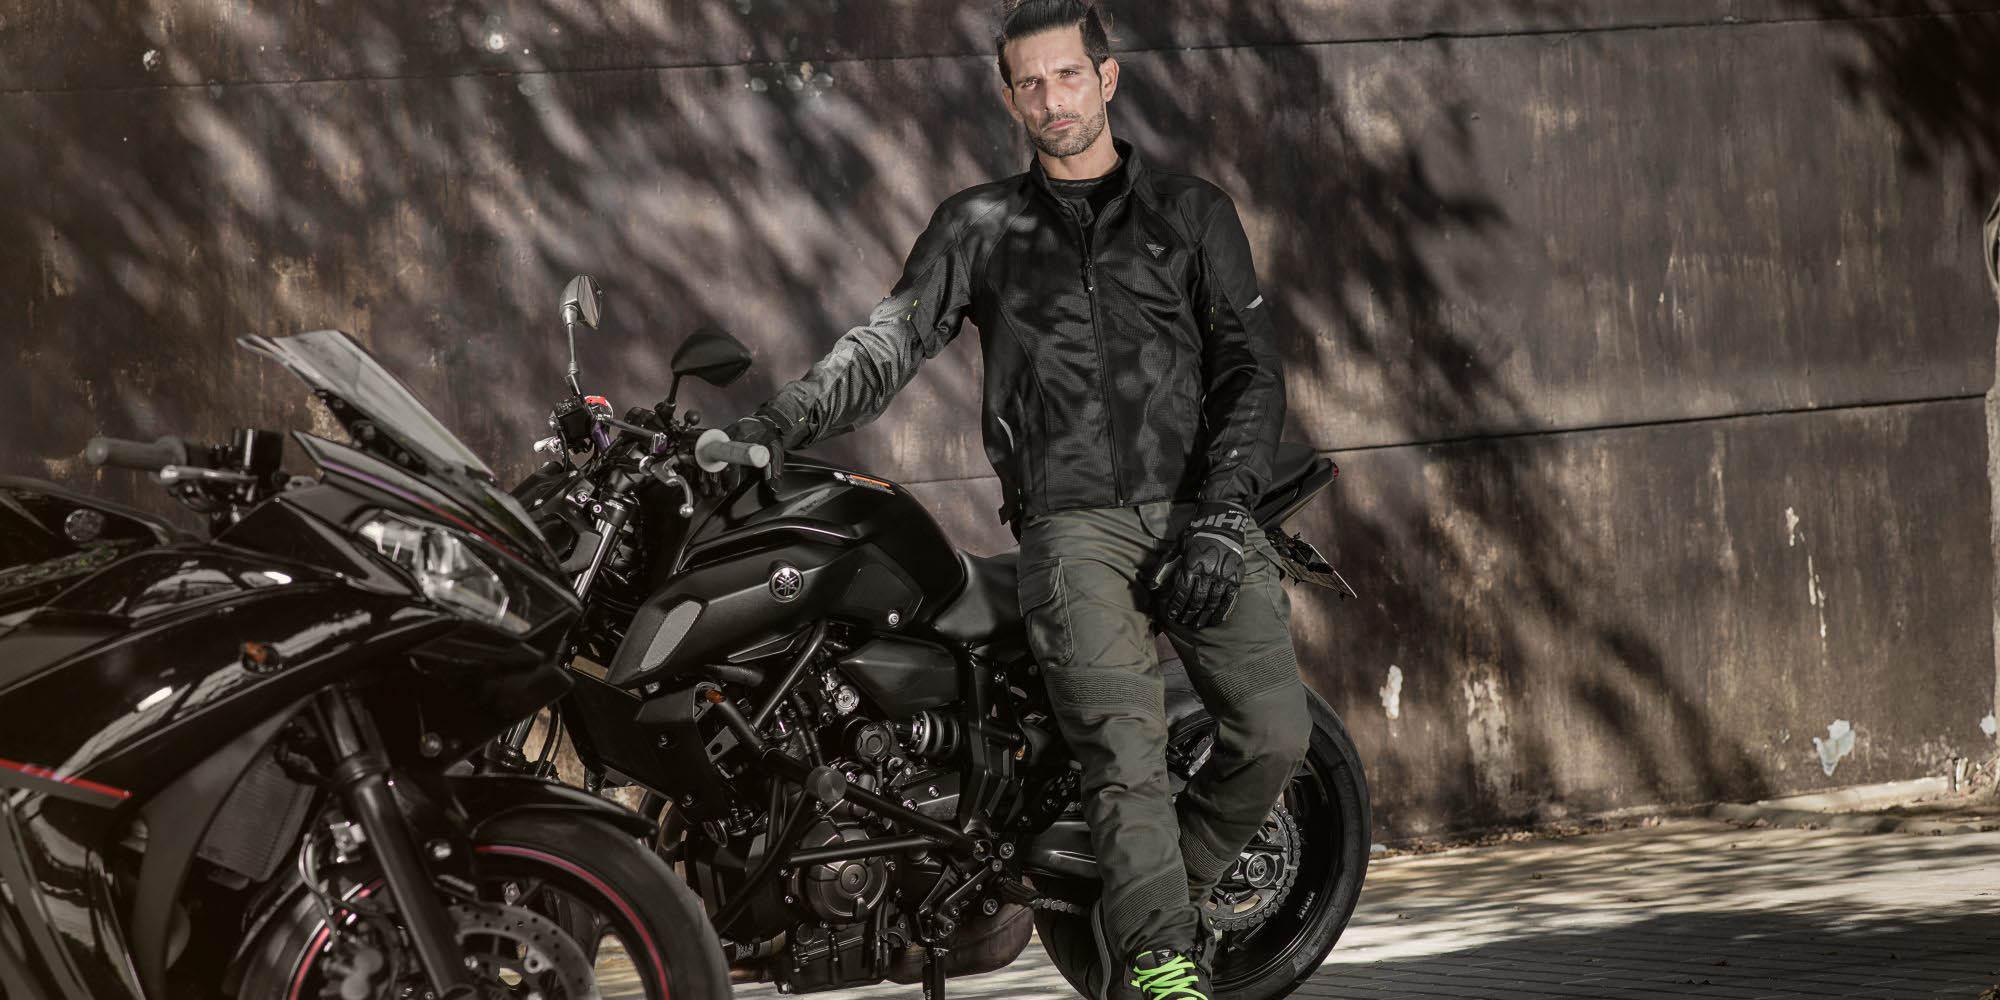 Летняя куртка SHIMA JET текстильная для мотоциклистов вид у стены купить по низкой цене